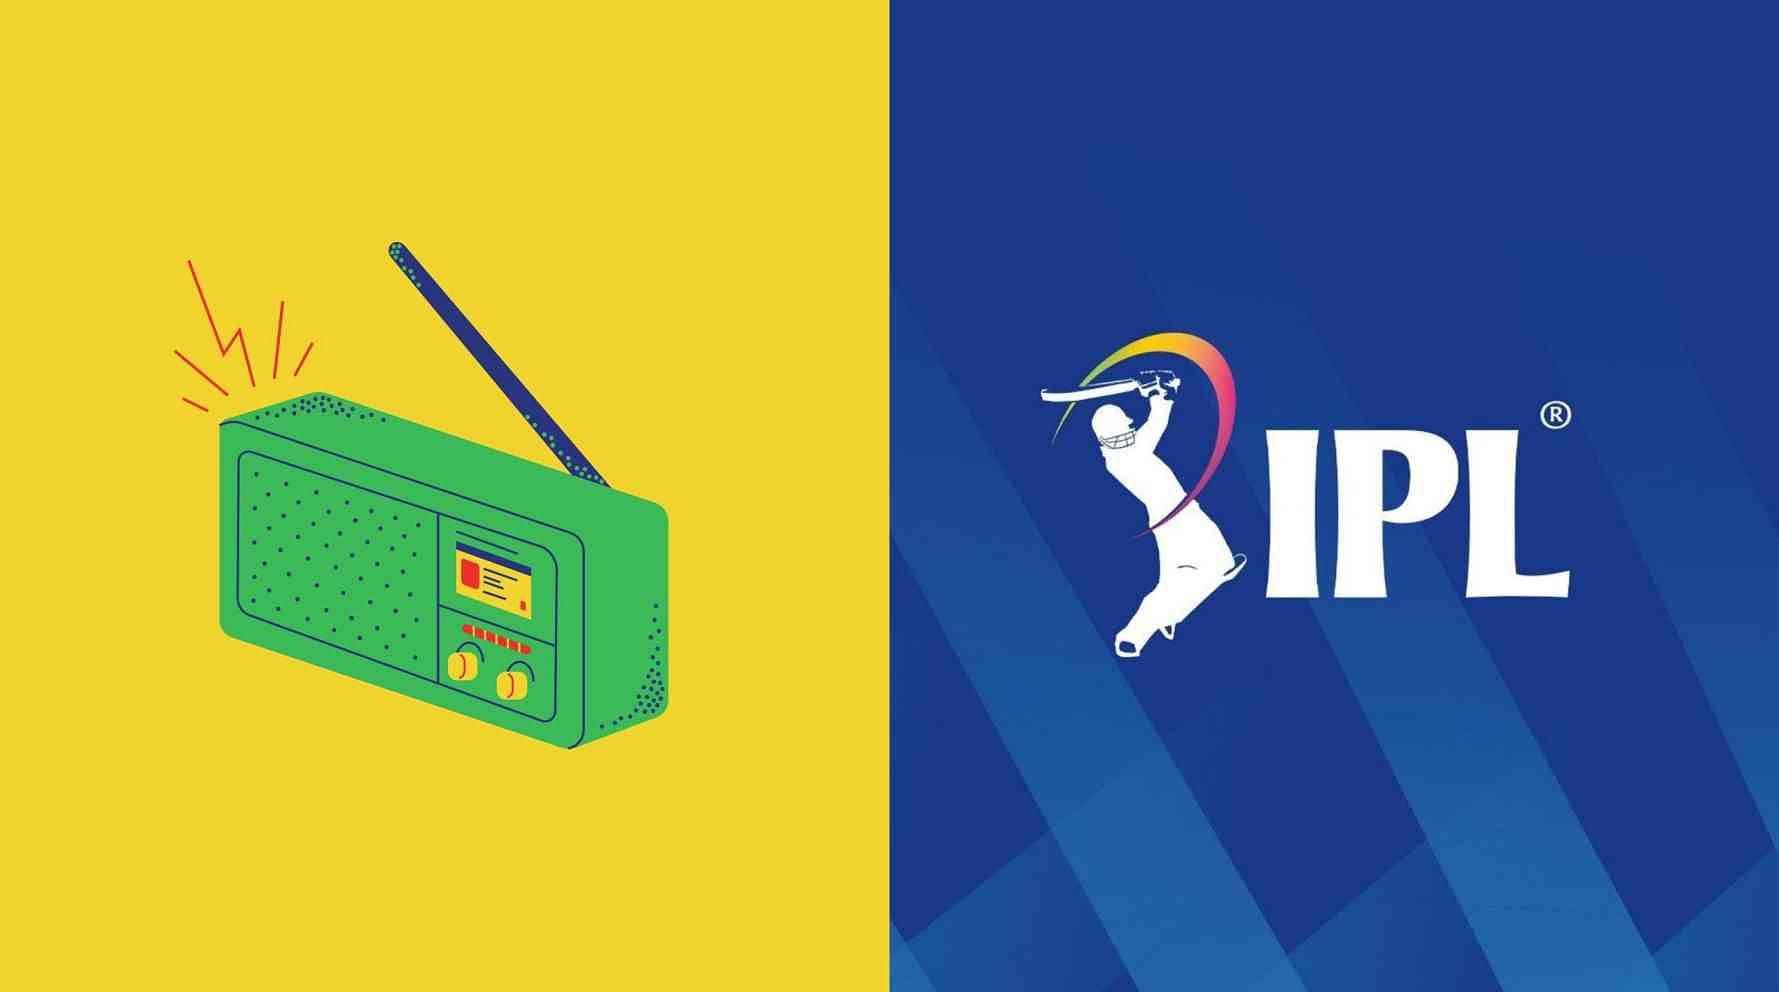 radio branding activities ipl 2021?blur=25